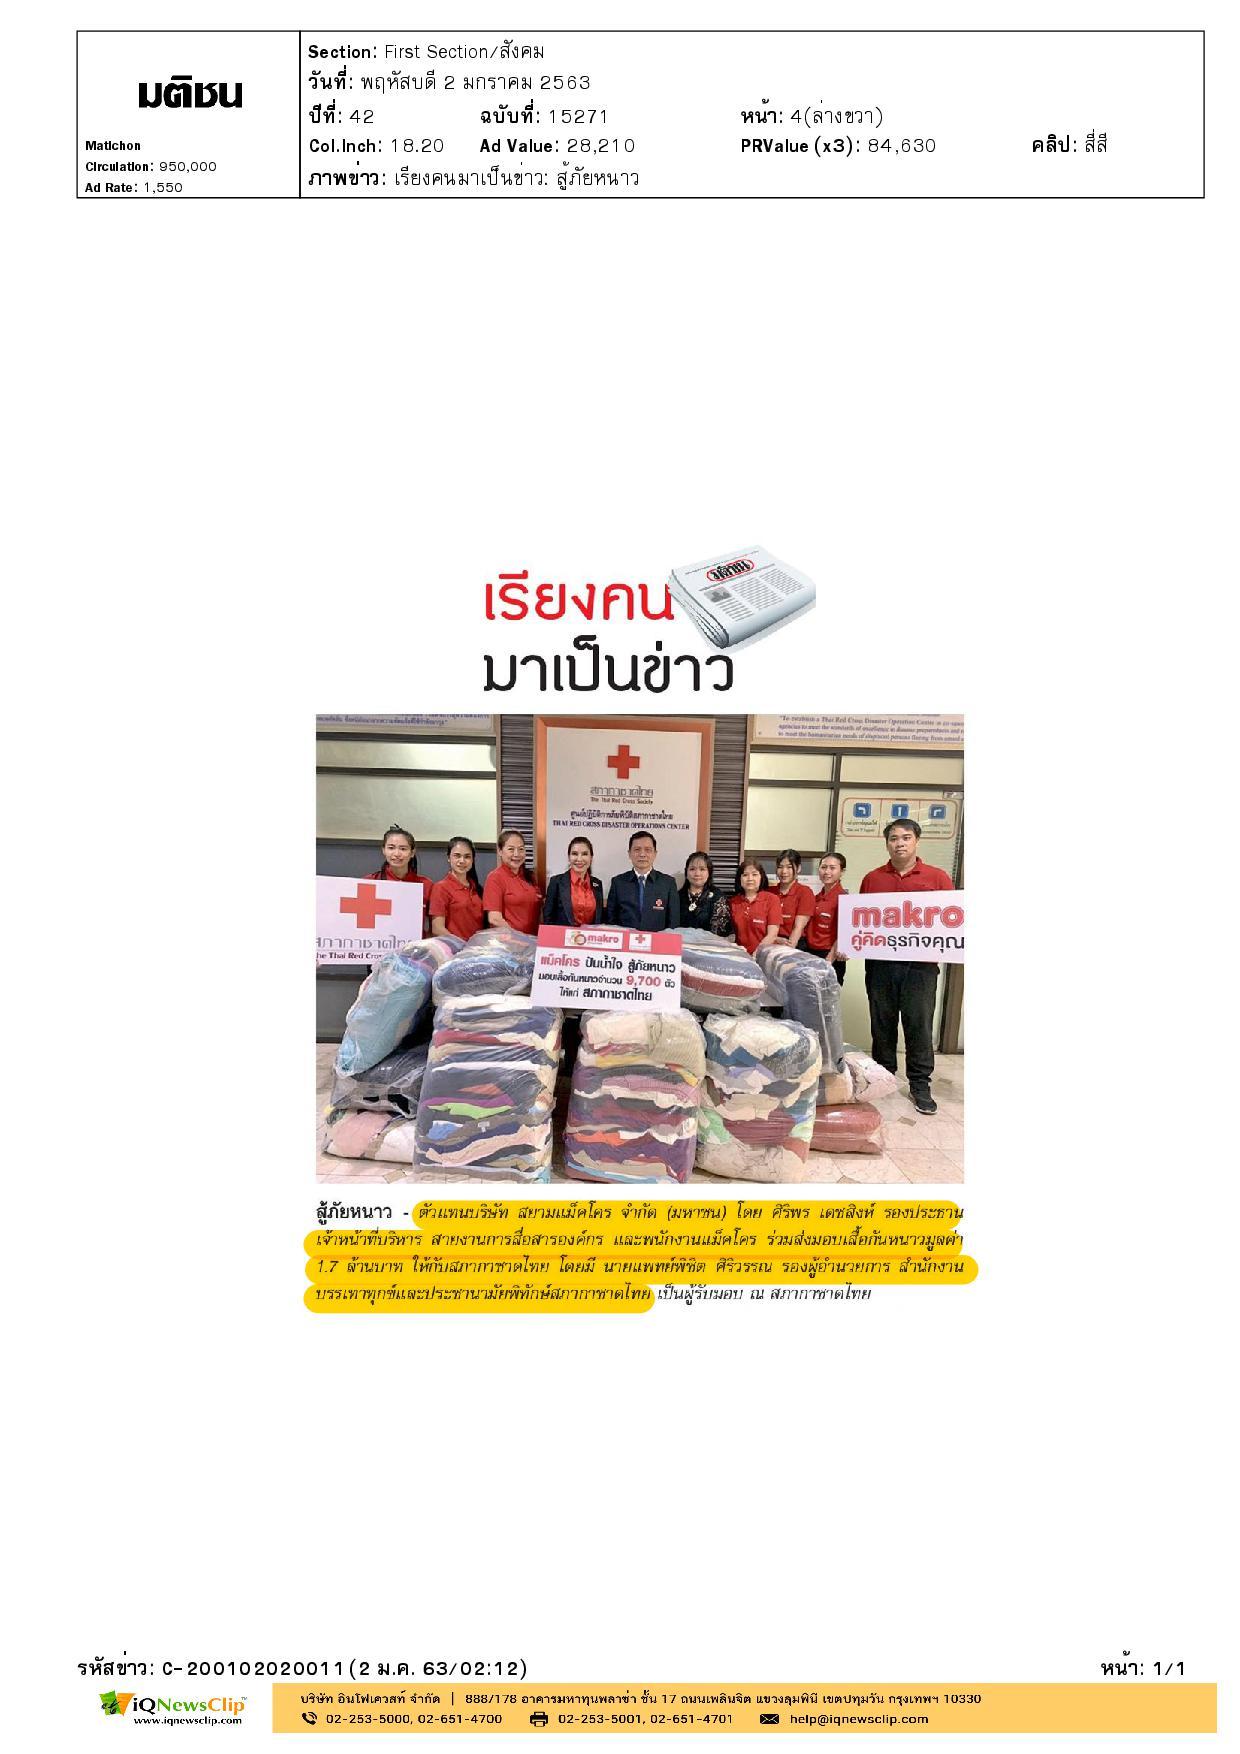 บริษัท สยามแม็คโคร  มอบเสื้อกันหนาวให้สภากาชาดไทย